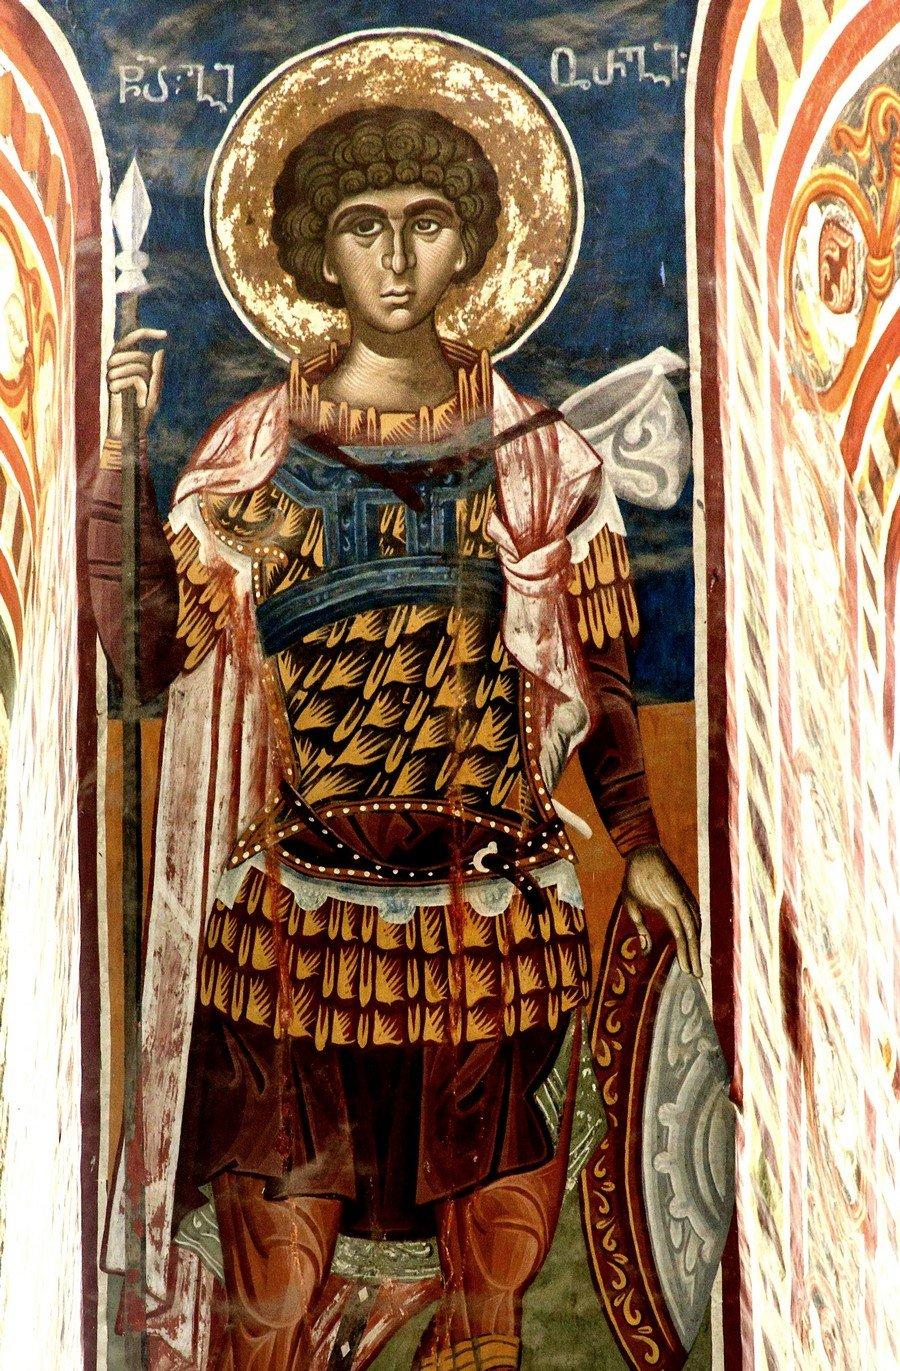 Святой Великомученик Георгий Победоносец. Фреска собора Рождества Пресвятой Богородицы в монастыре Гелати, Грузия.